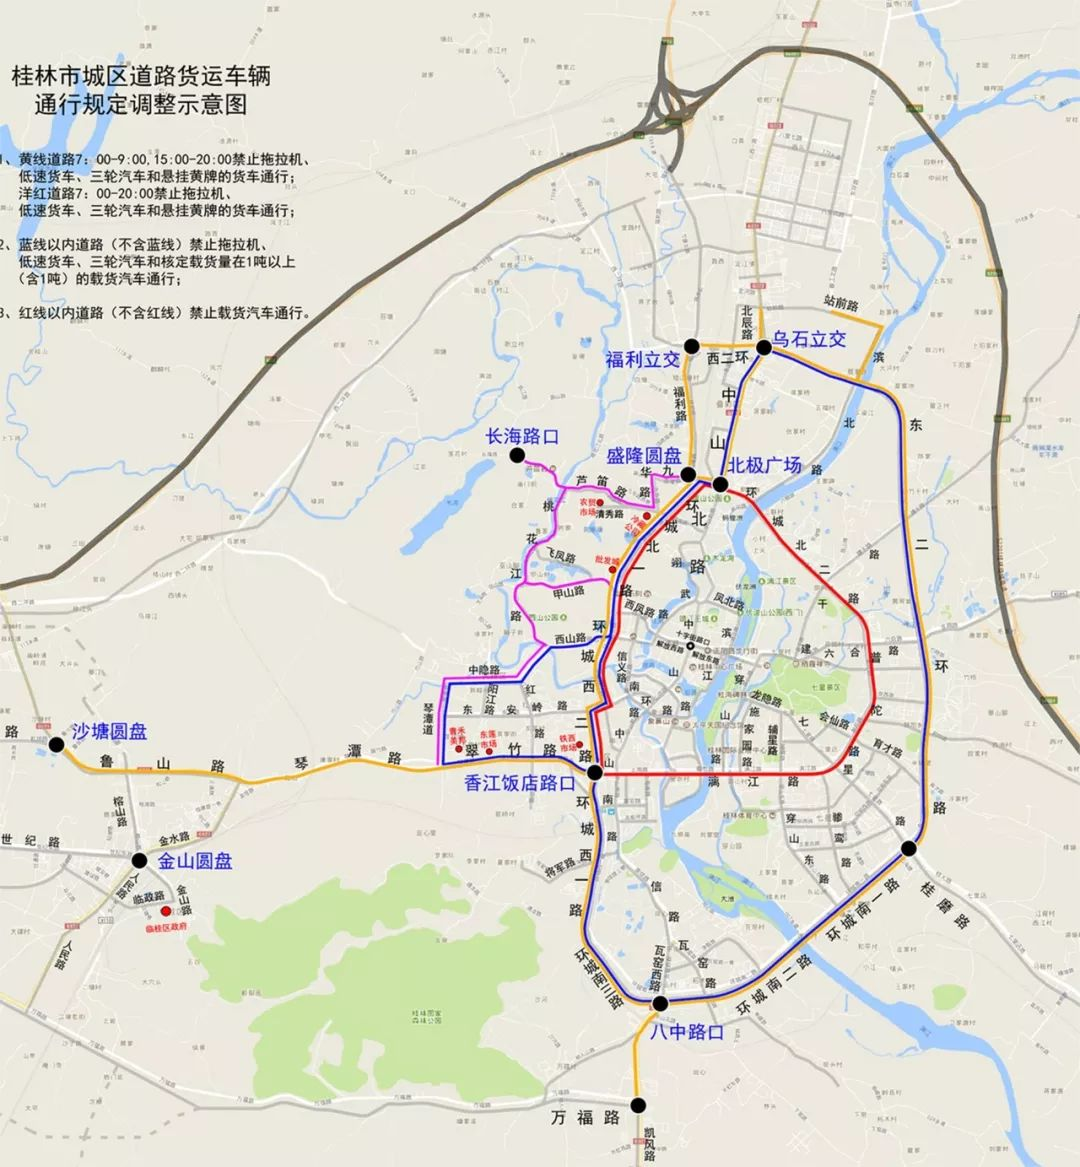 紧急扩散!桂林将有一大批交通要道被管制,不能再走了!